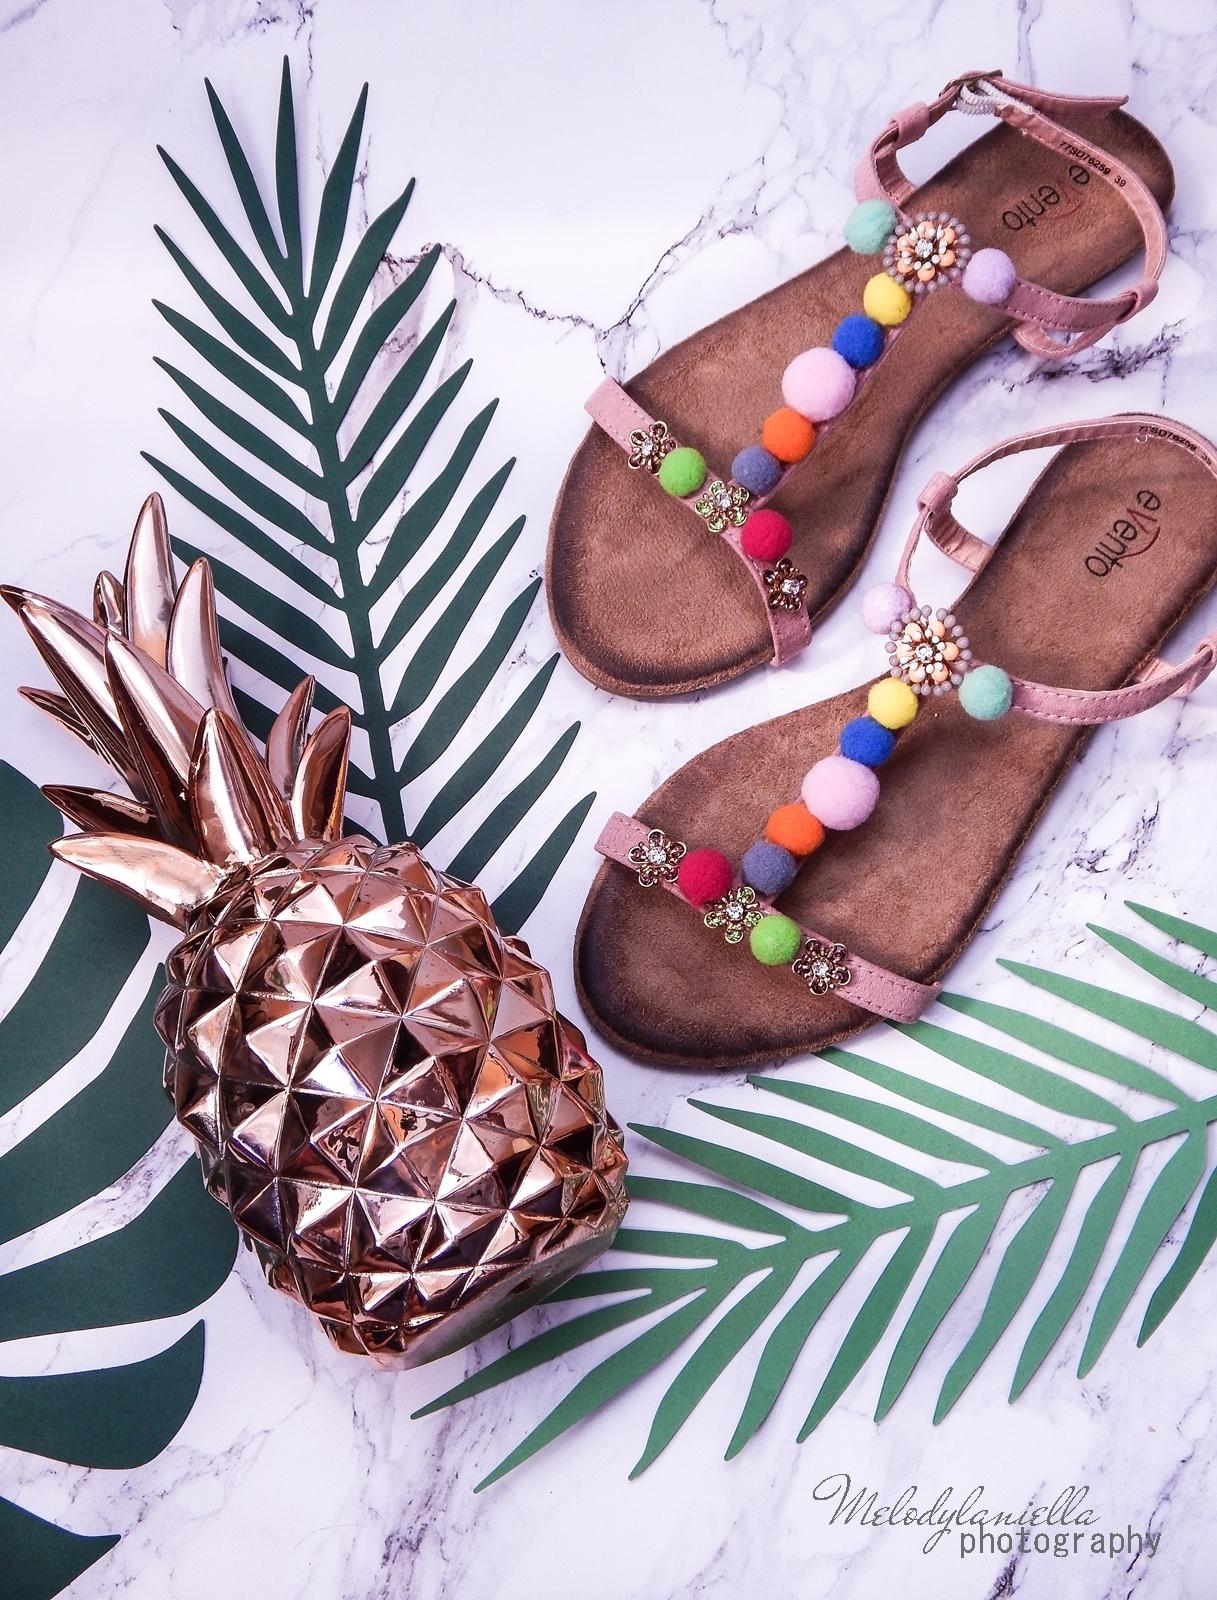 13 buty łuków baleriny tenisówki mokasyny sandały z ponopnami trzy modele butów modnych na lato melodylaniella recenzje buty coca-cola szare półbuty z kokardą buty na wesele buty do sukienki moda